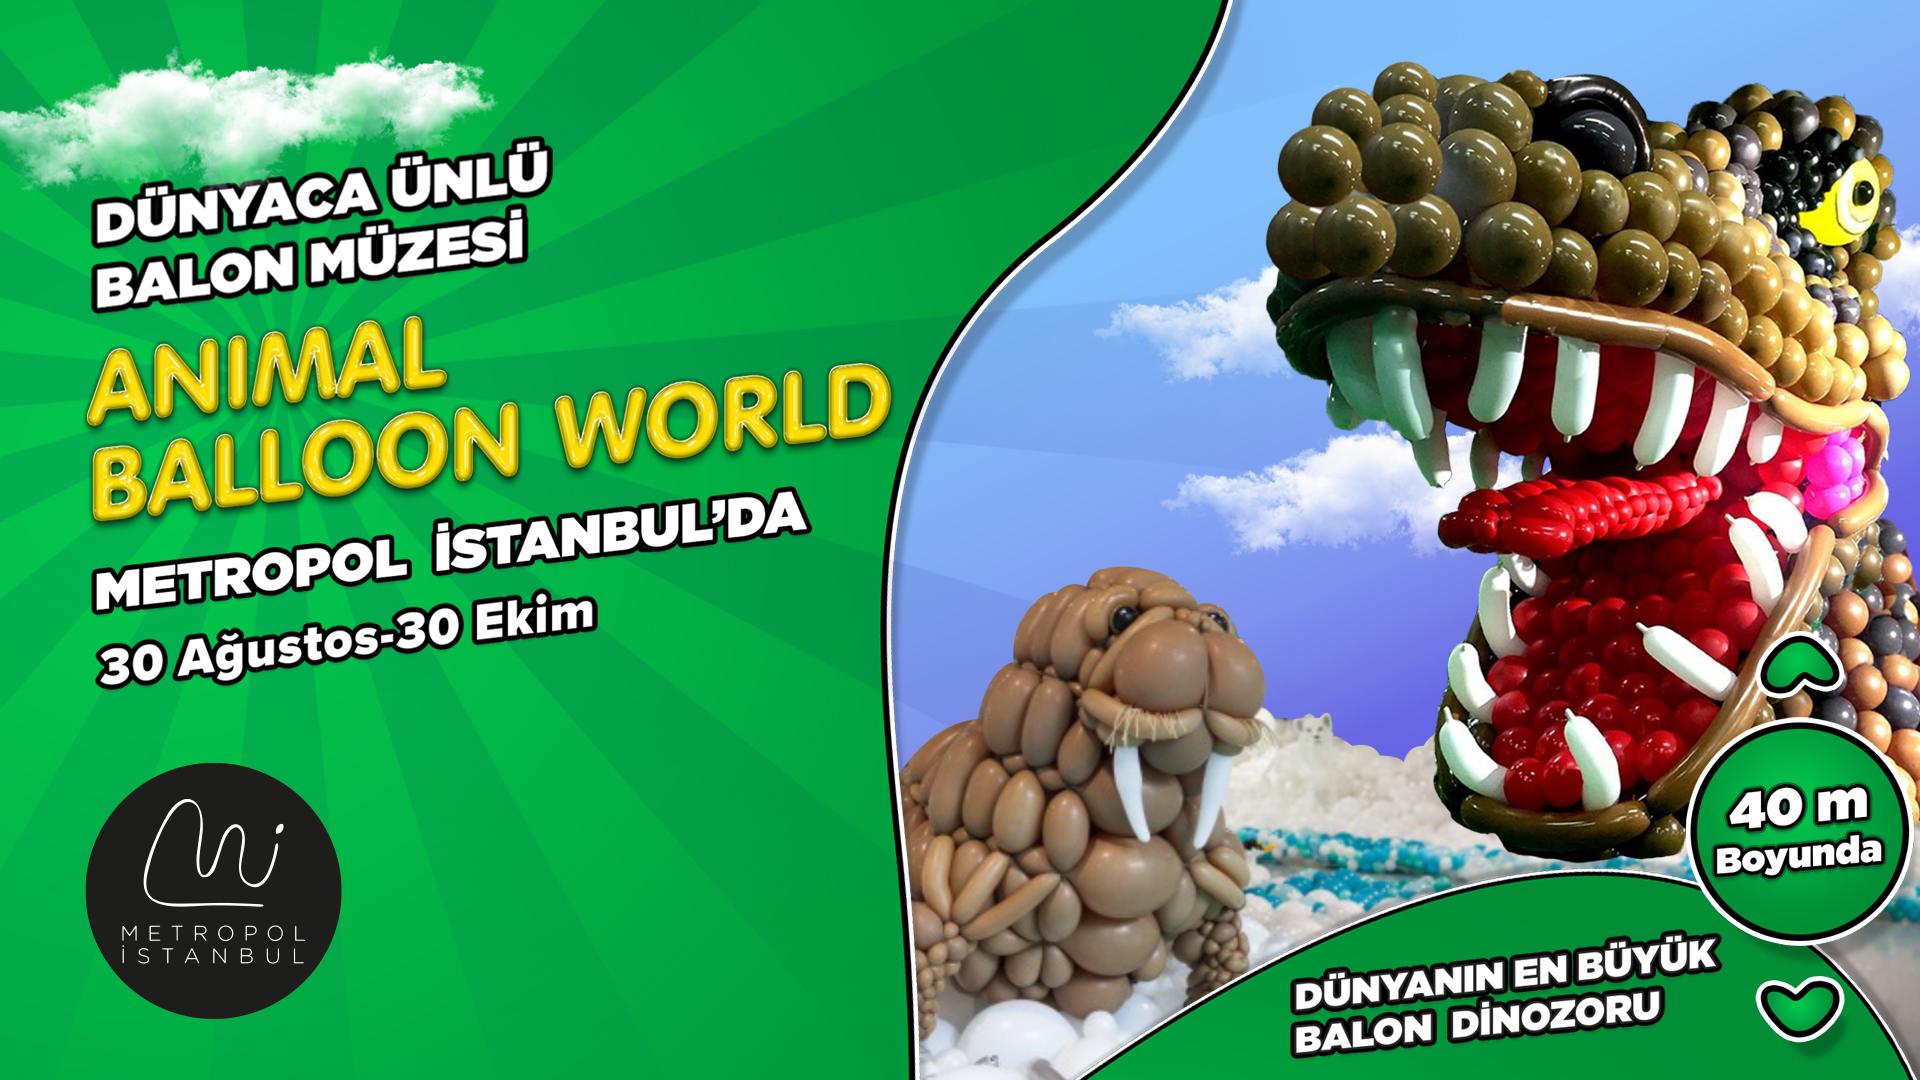 Dünyaca Ünlü Balon Müzesi Metropol İstanbul'da